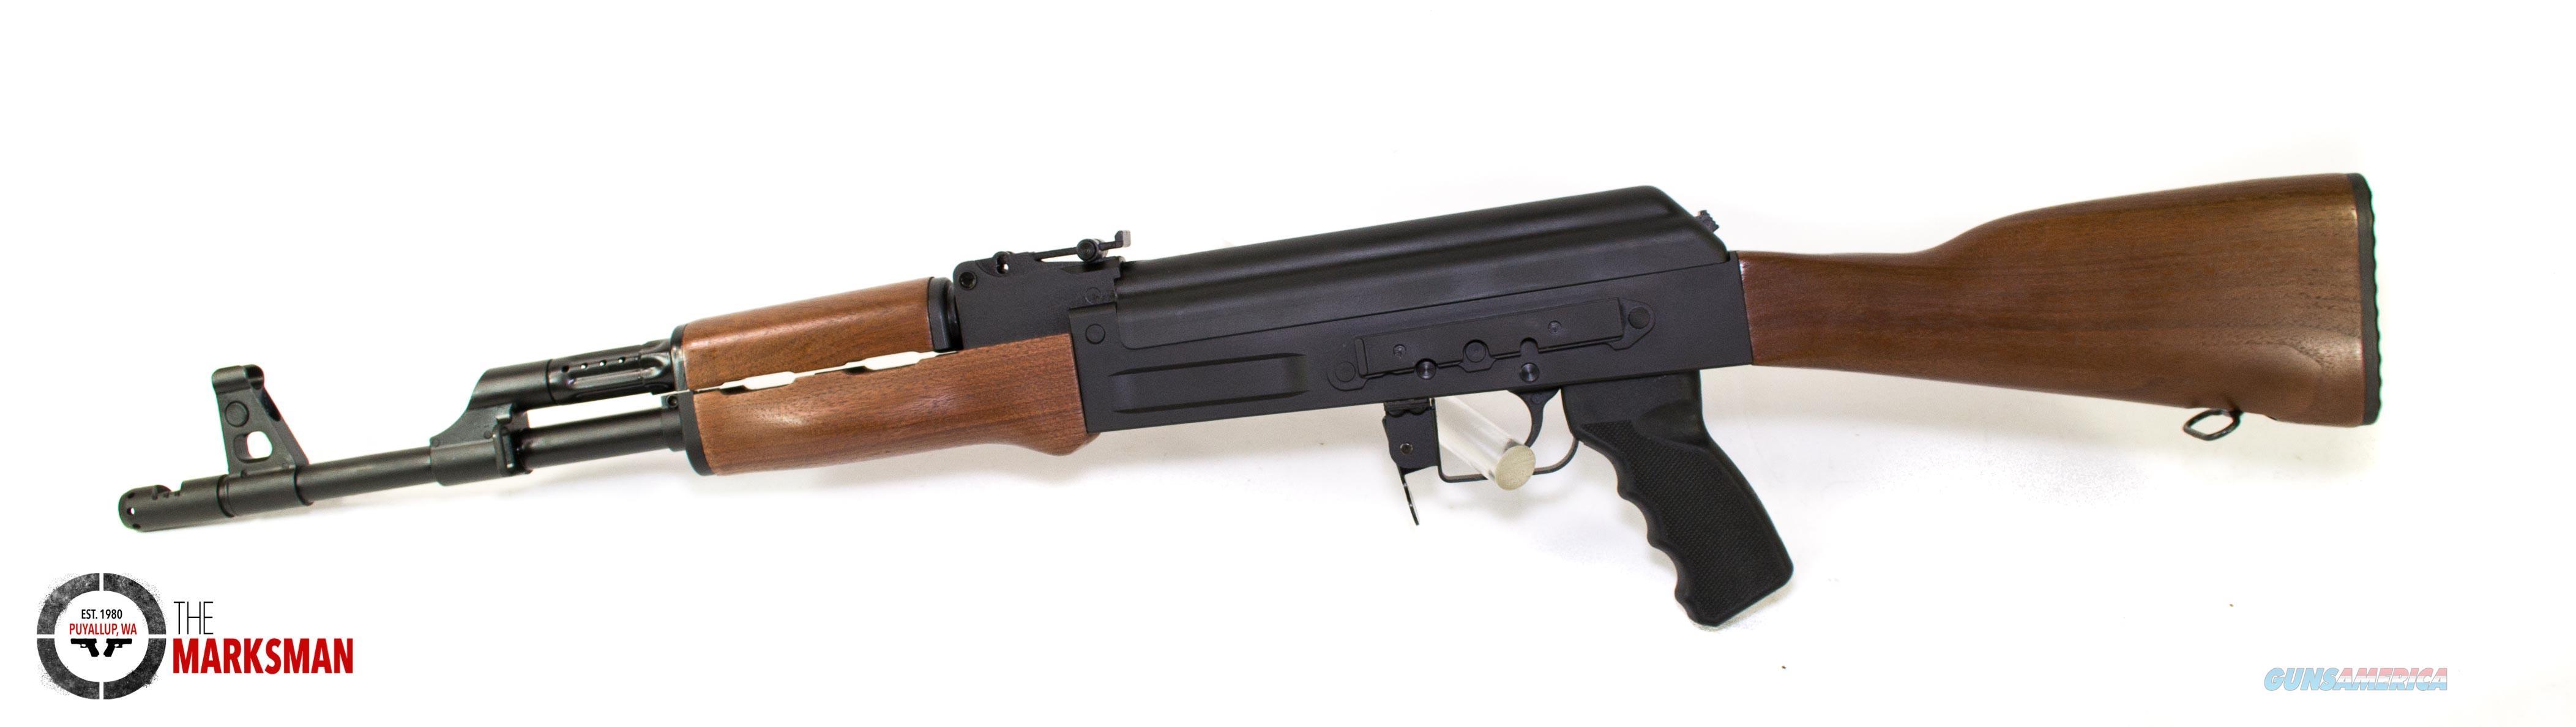 Century Arms C39 V2 Milled AK-47, 7.62 x 39mm NEW RI2398-N  Guns > Rifles > Century International Arms - Rifles > Rifles